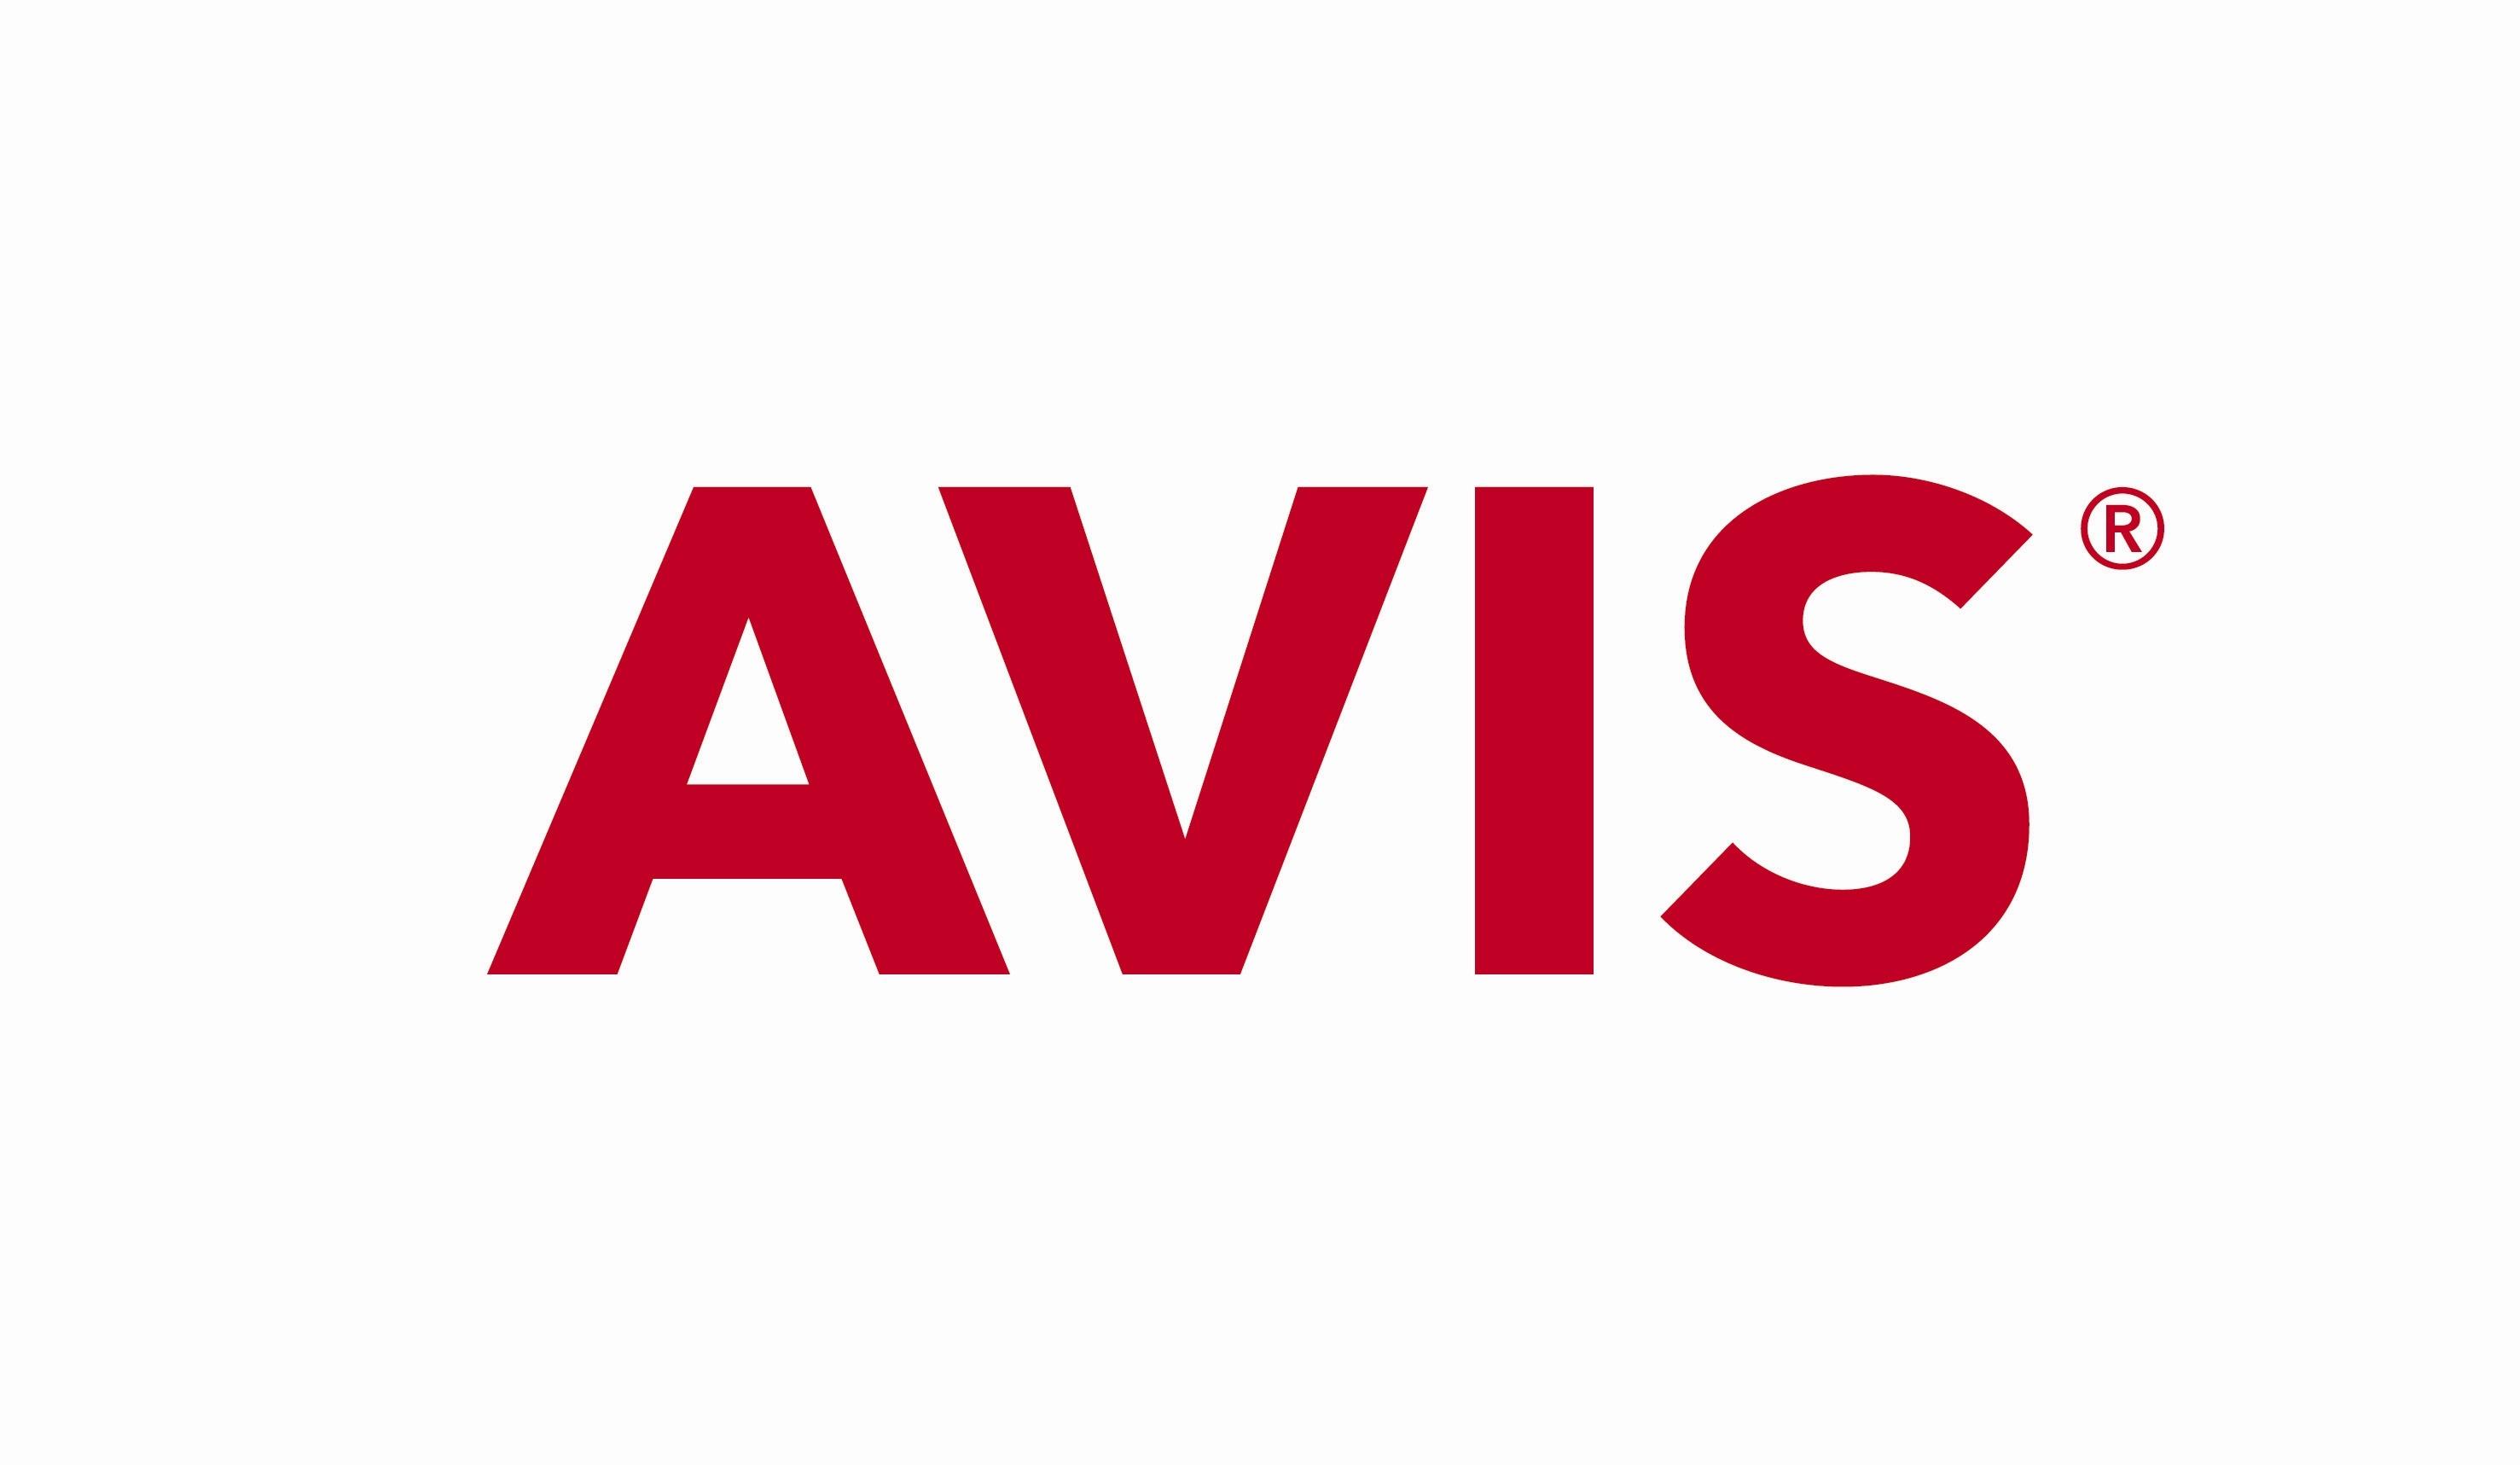 AVIS.jpg